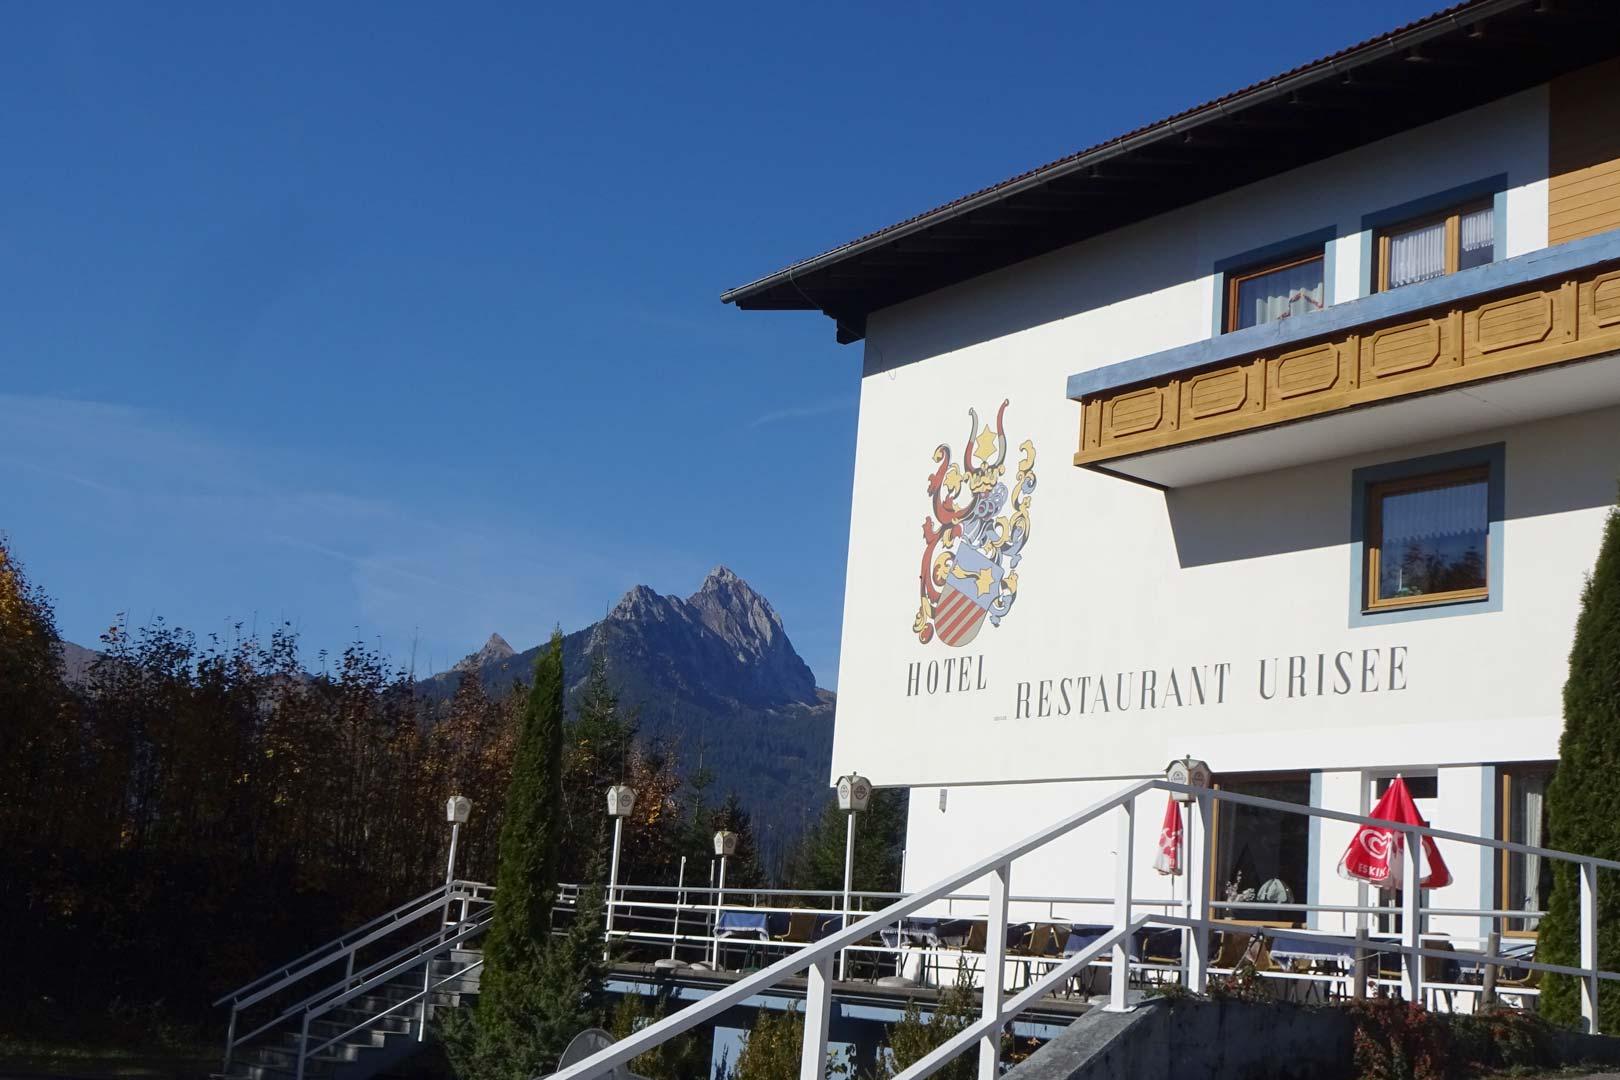 Luxushotels in Reutte, Tirol | Hotels volunteeralert.com